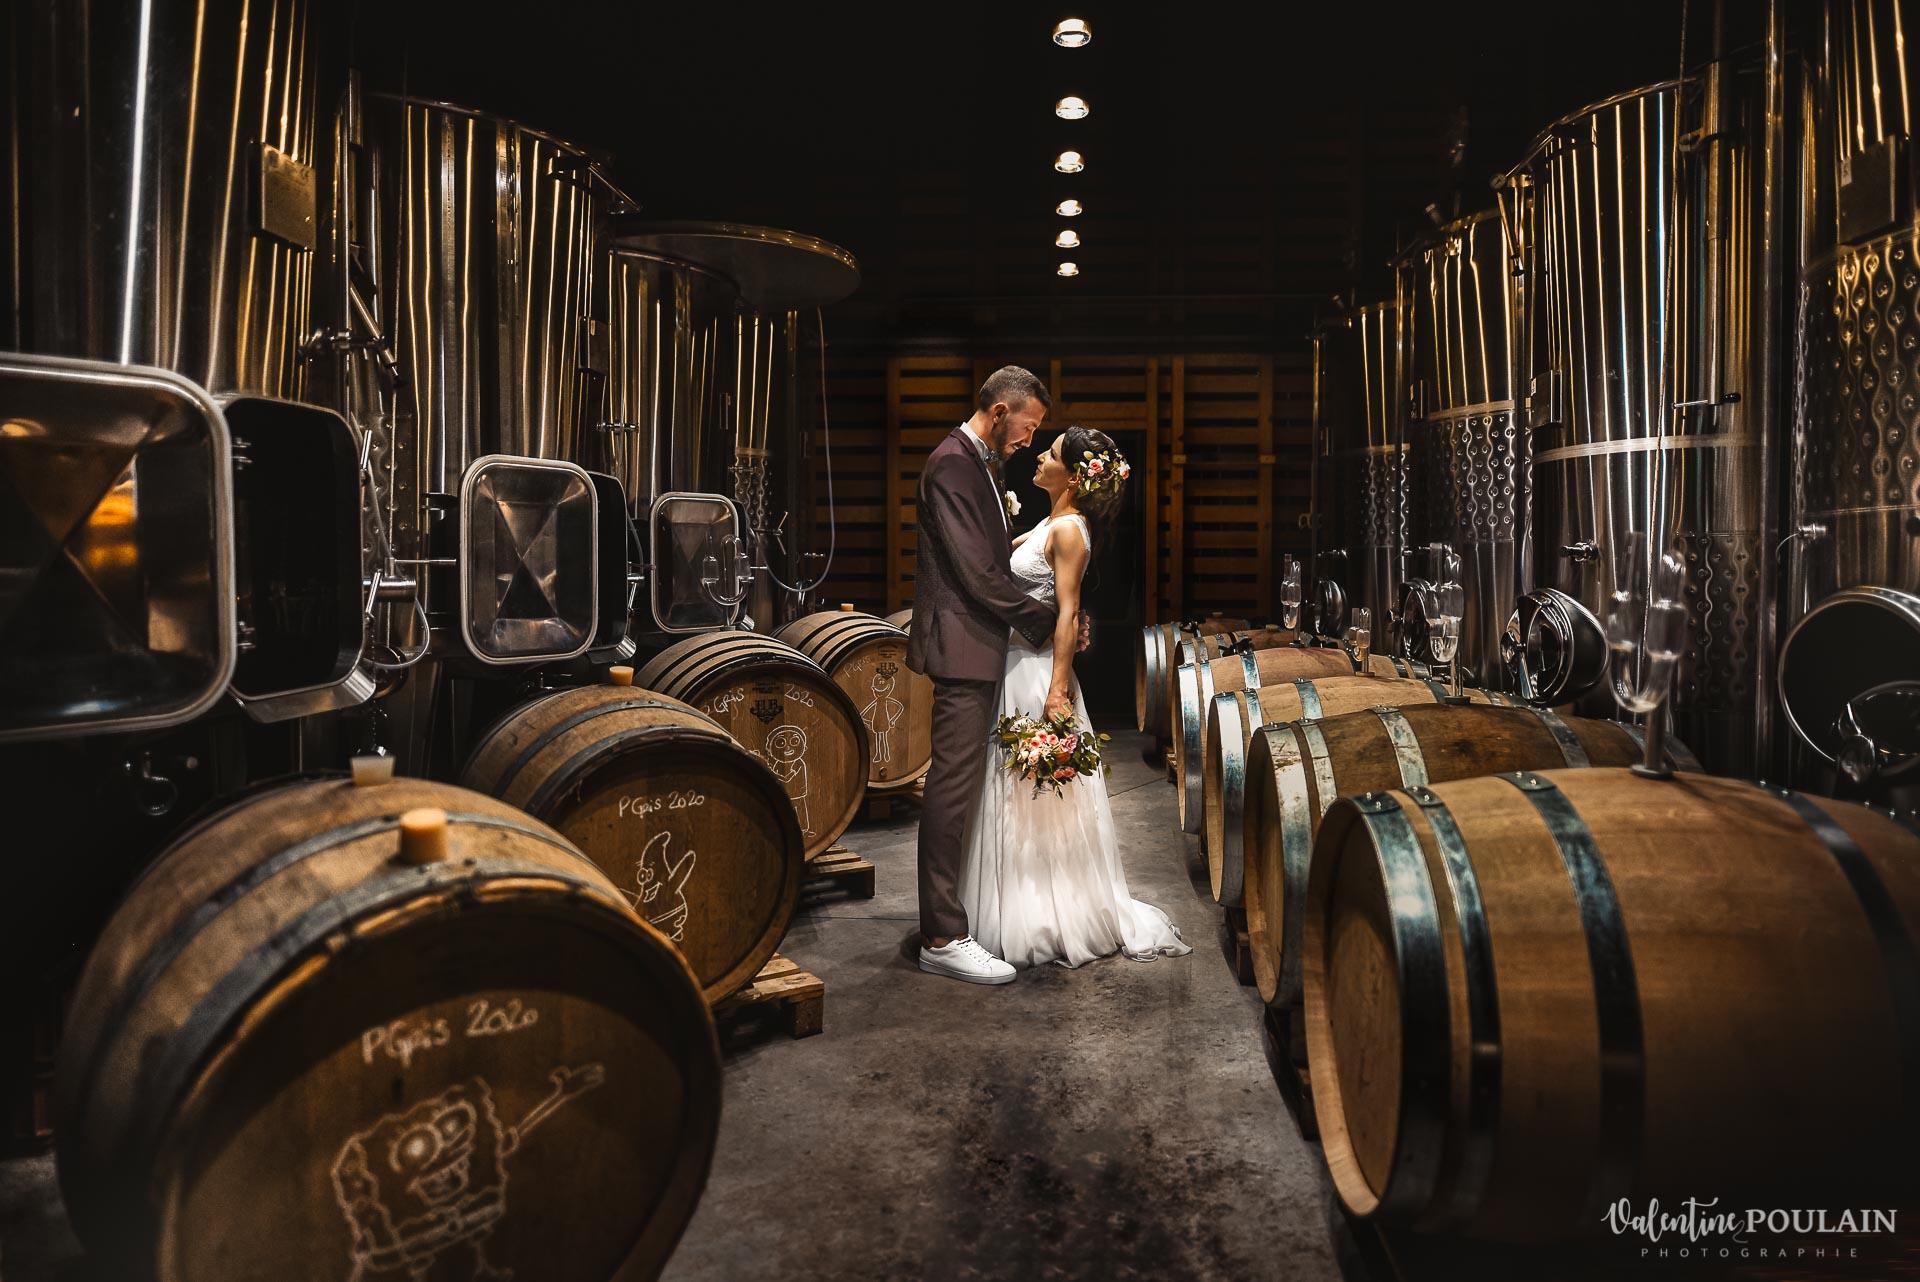 mariage cuves Achillée - Valentine Poulain